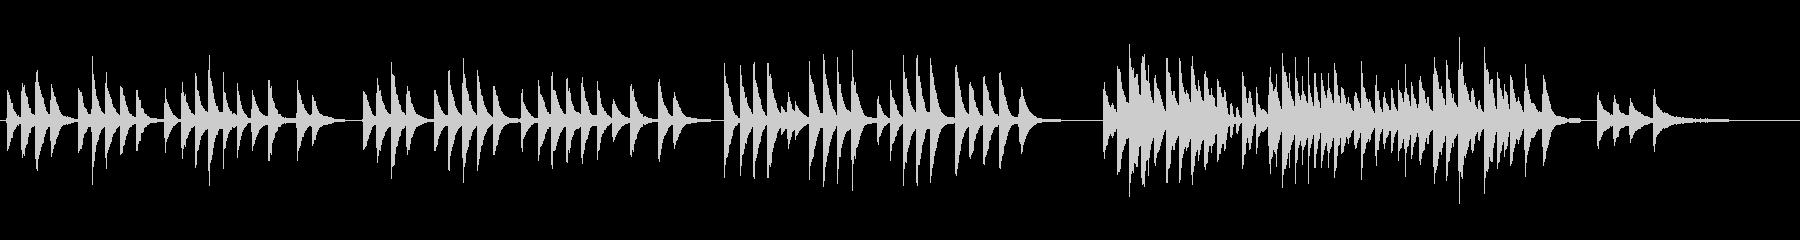 ブルグミュラーの「アヴェマリア」の未再生の波形